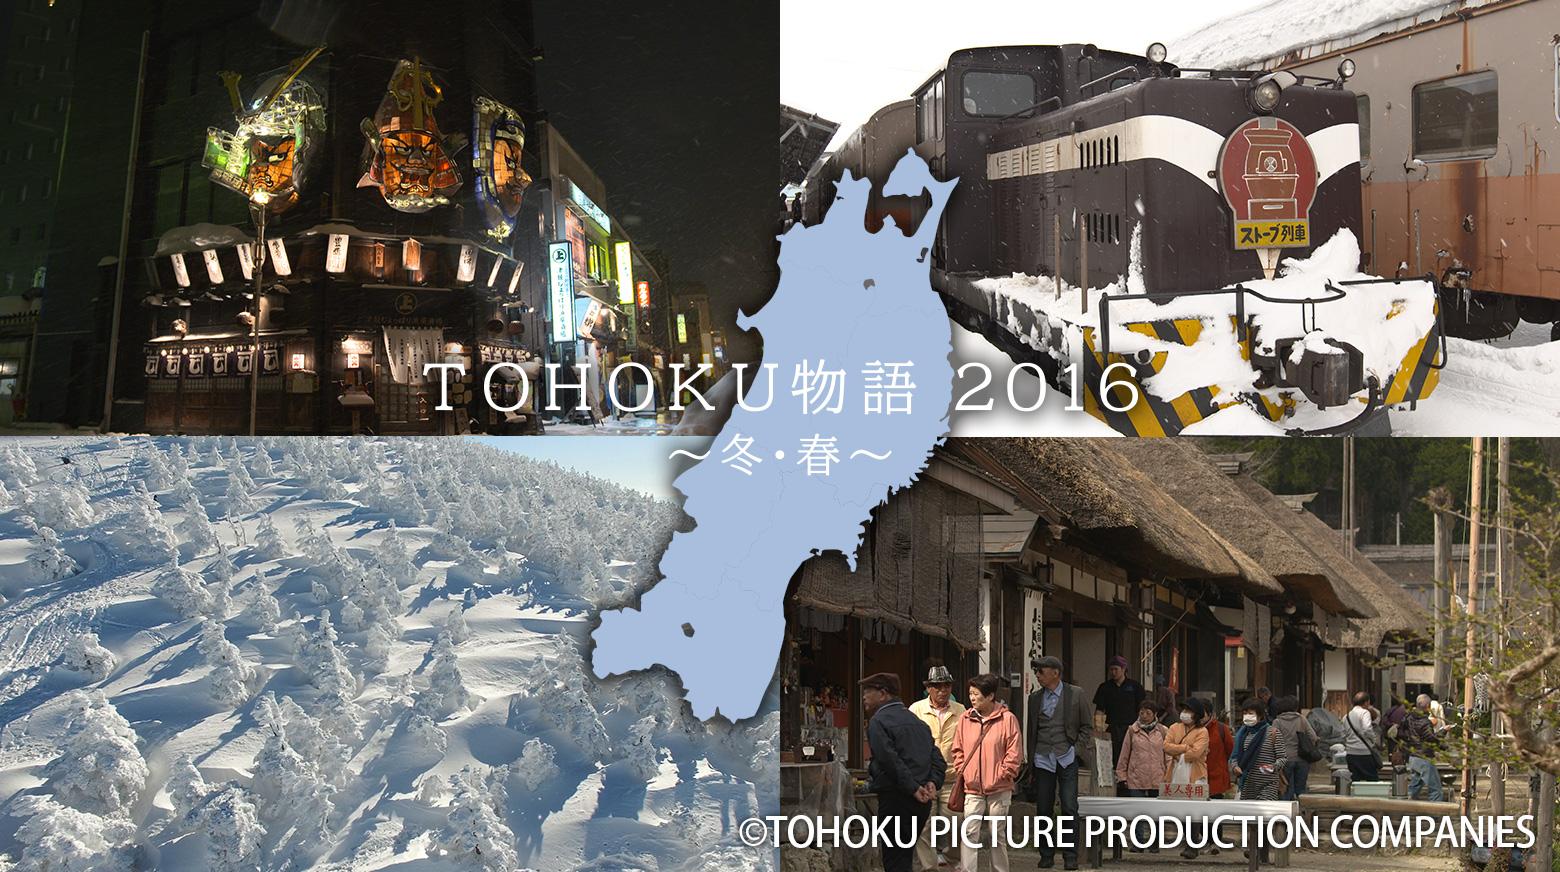 Tales of Tohoku